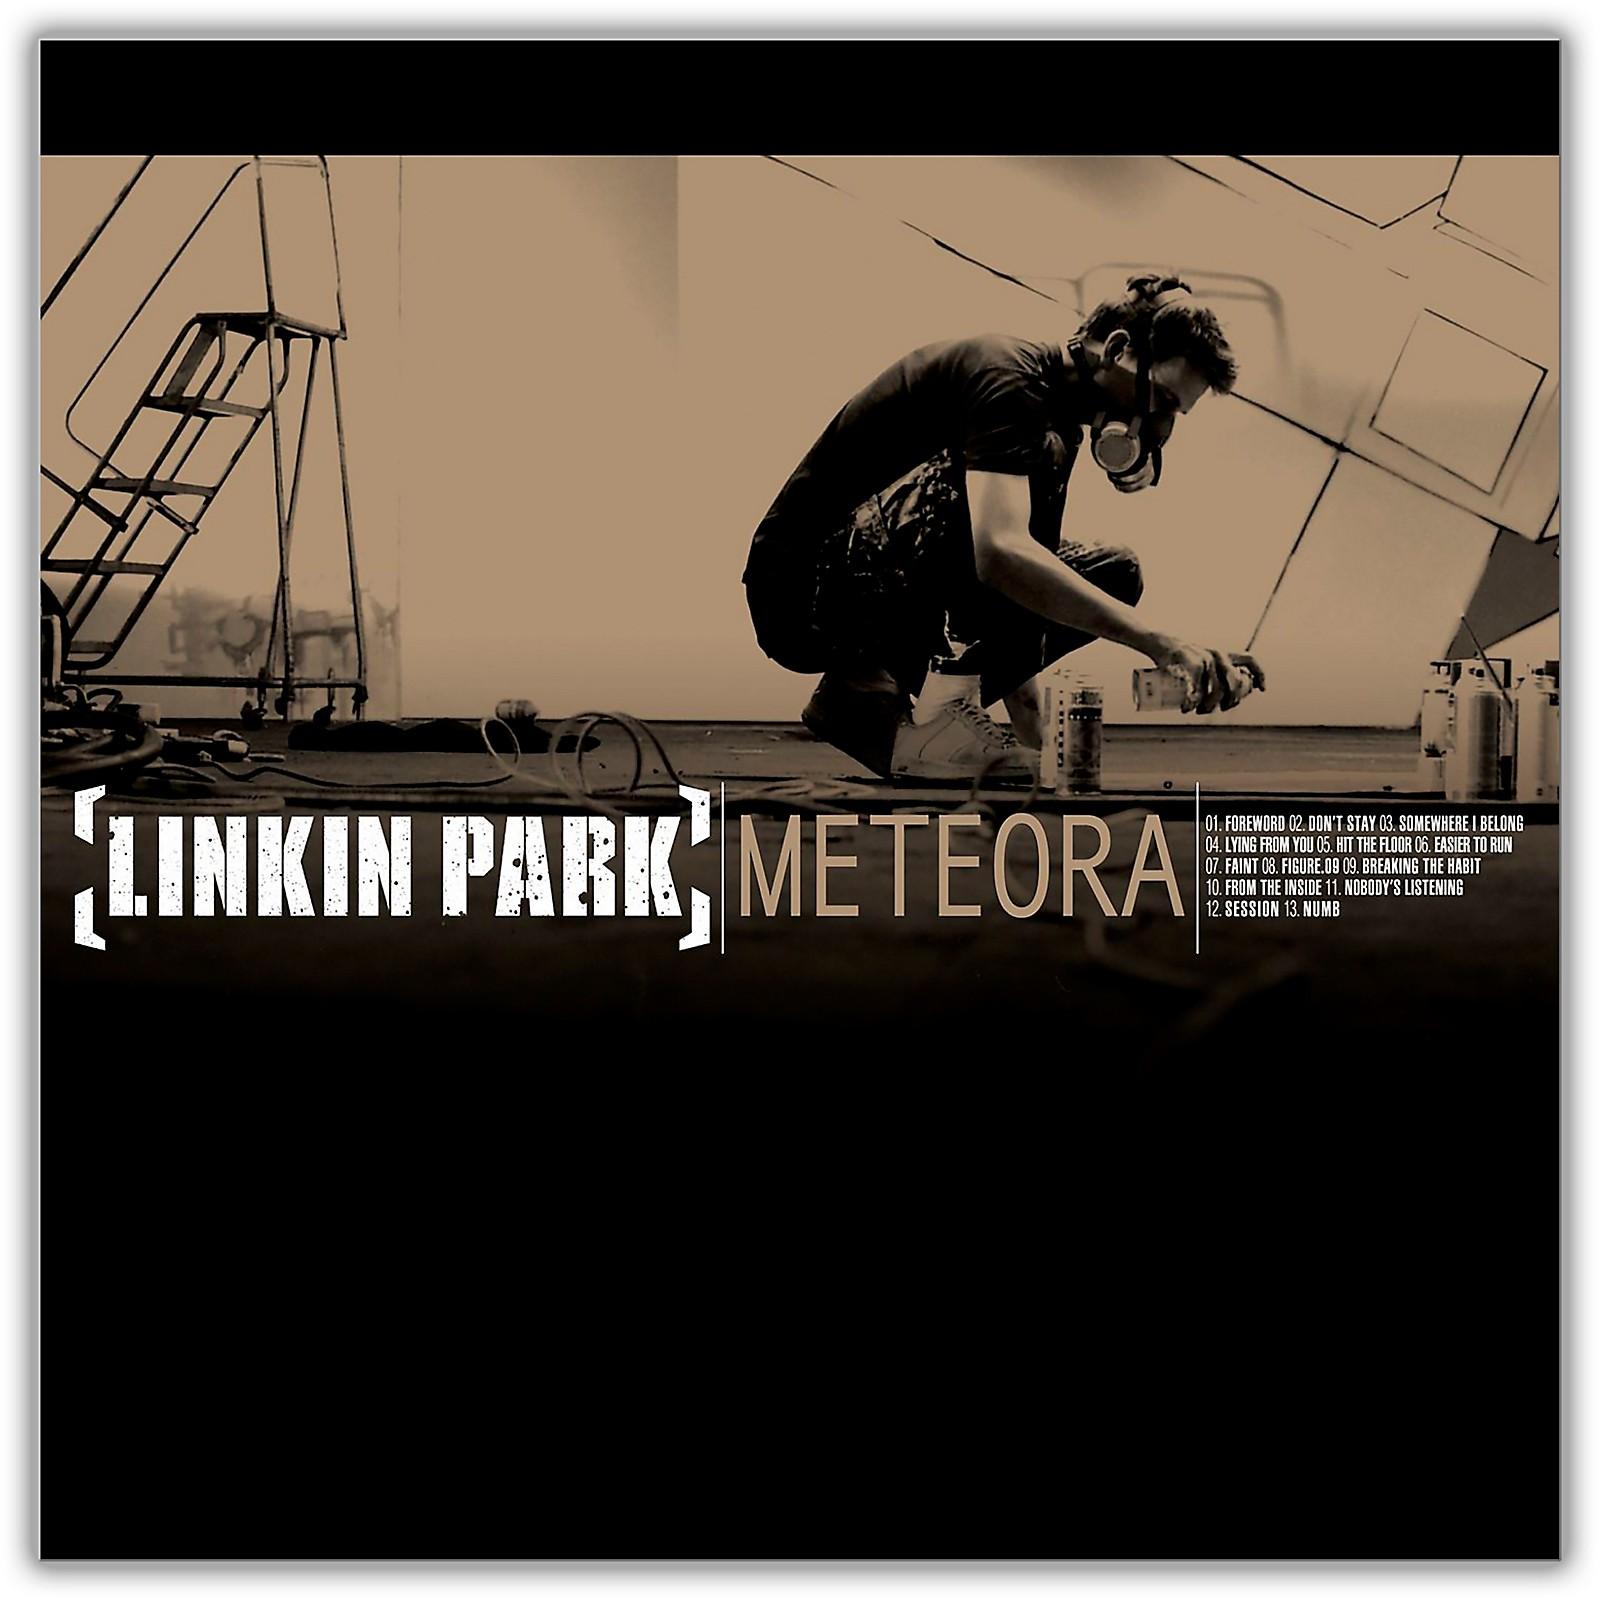 WEA Linkin Park - Meteora Vinyl LP